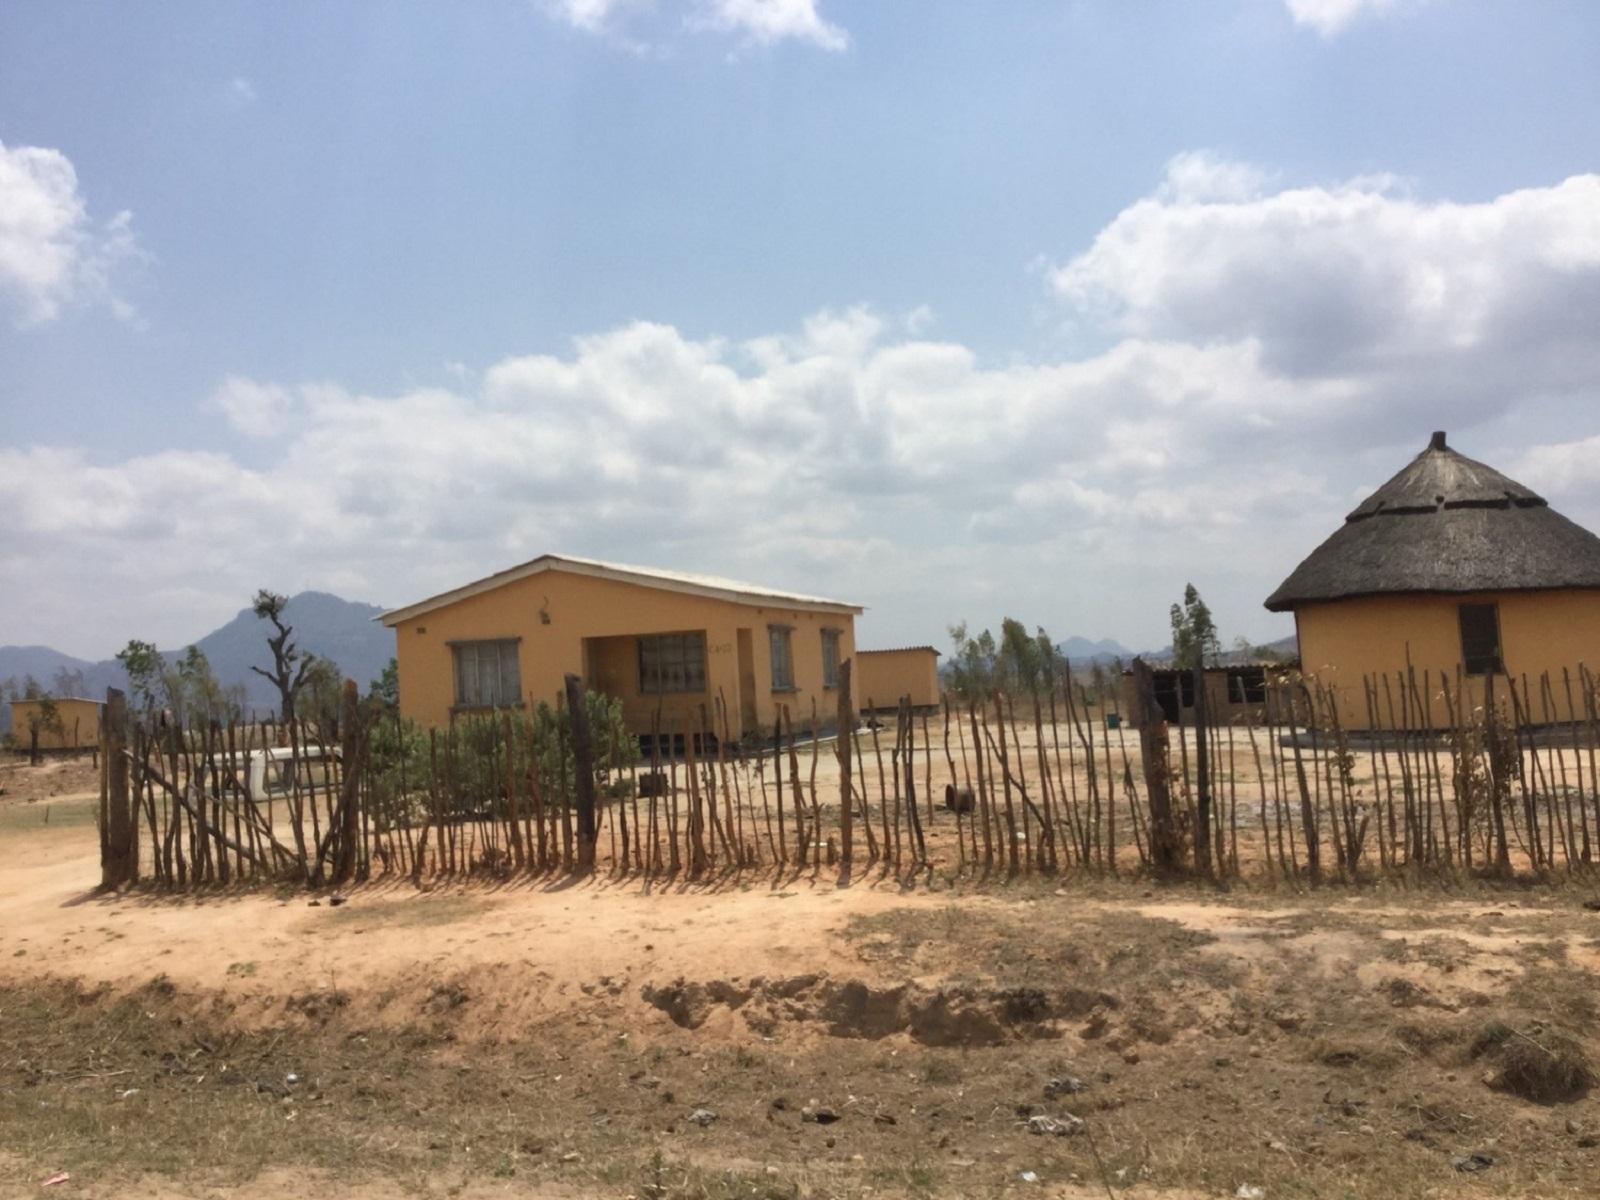 Resettlement houses in Zimbabwe